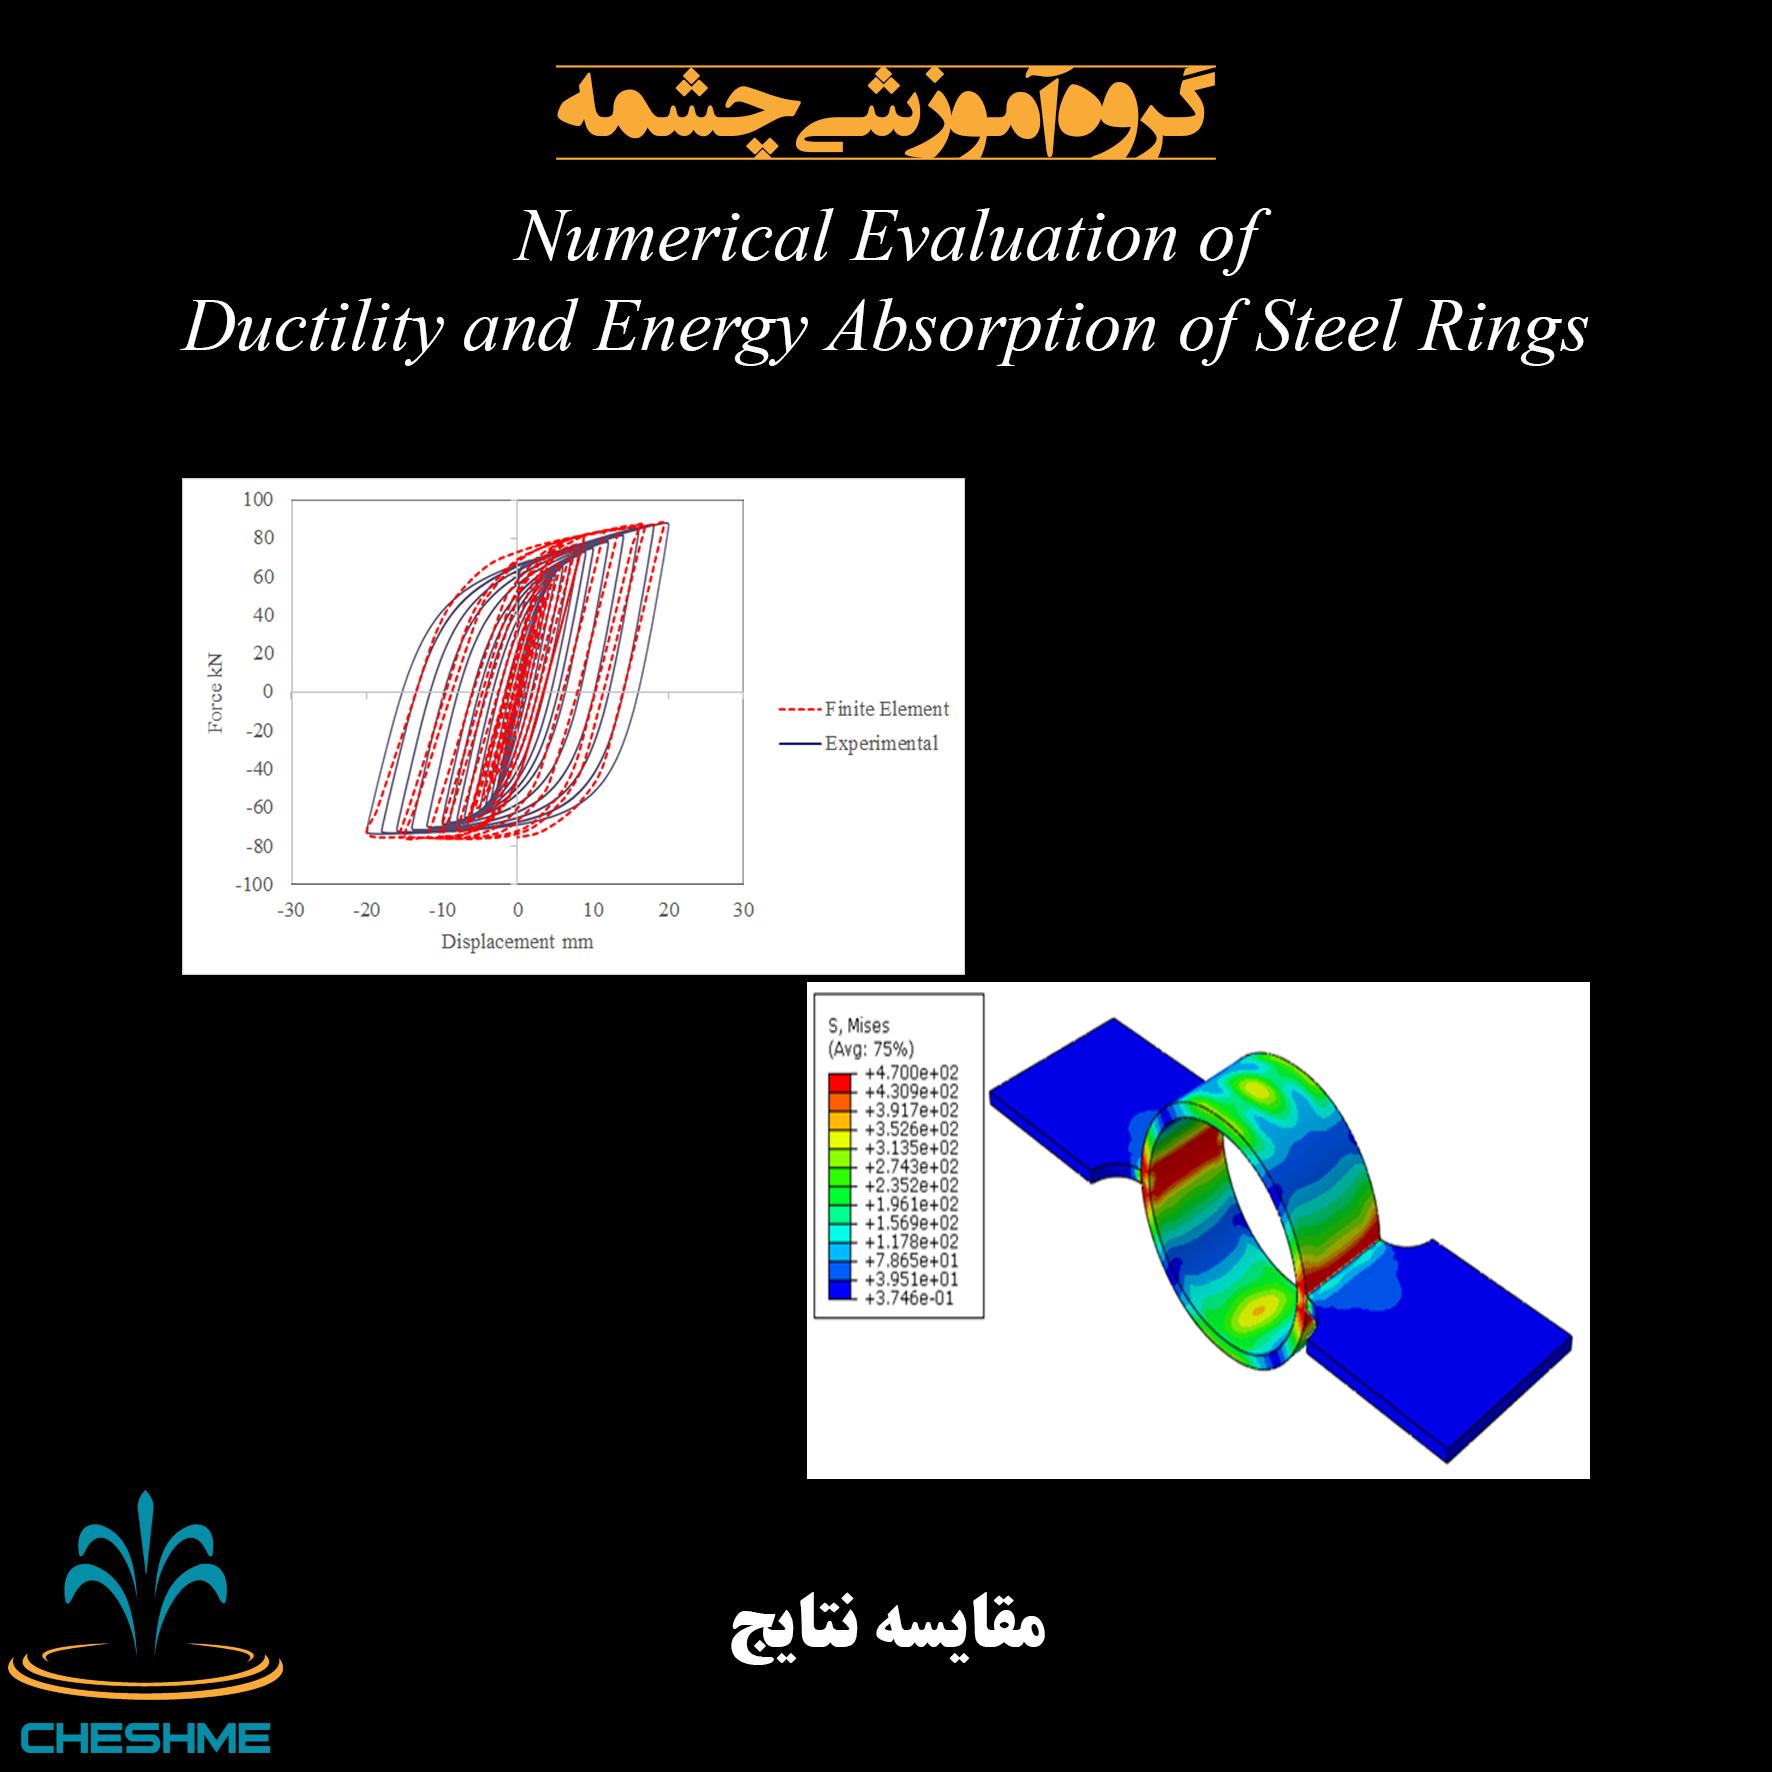 مقایسه نتایج حال از مدل اجزا محدود حلقه فولادی با نمونه آزمایشگاهی